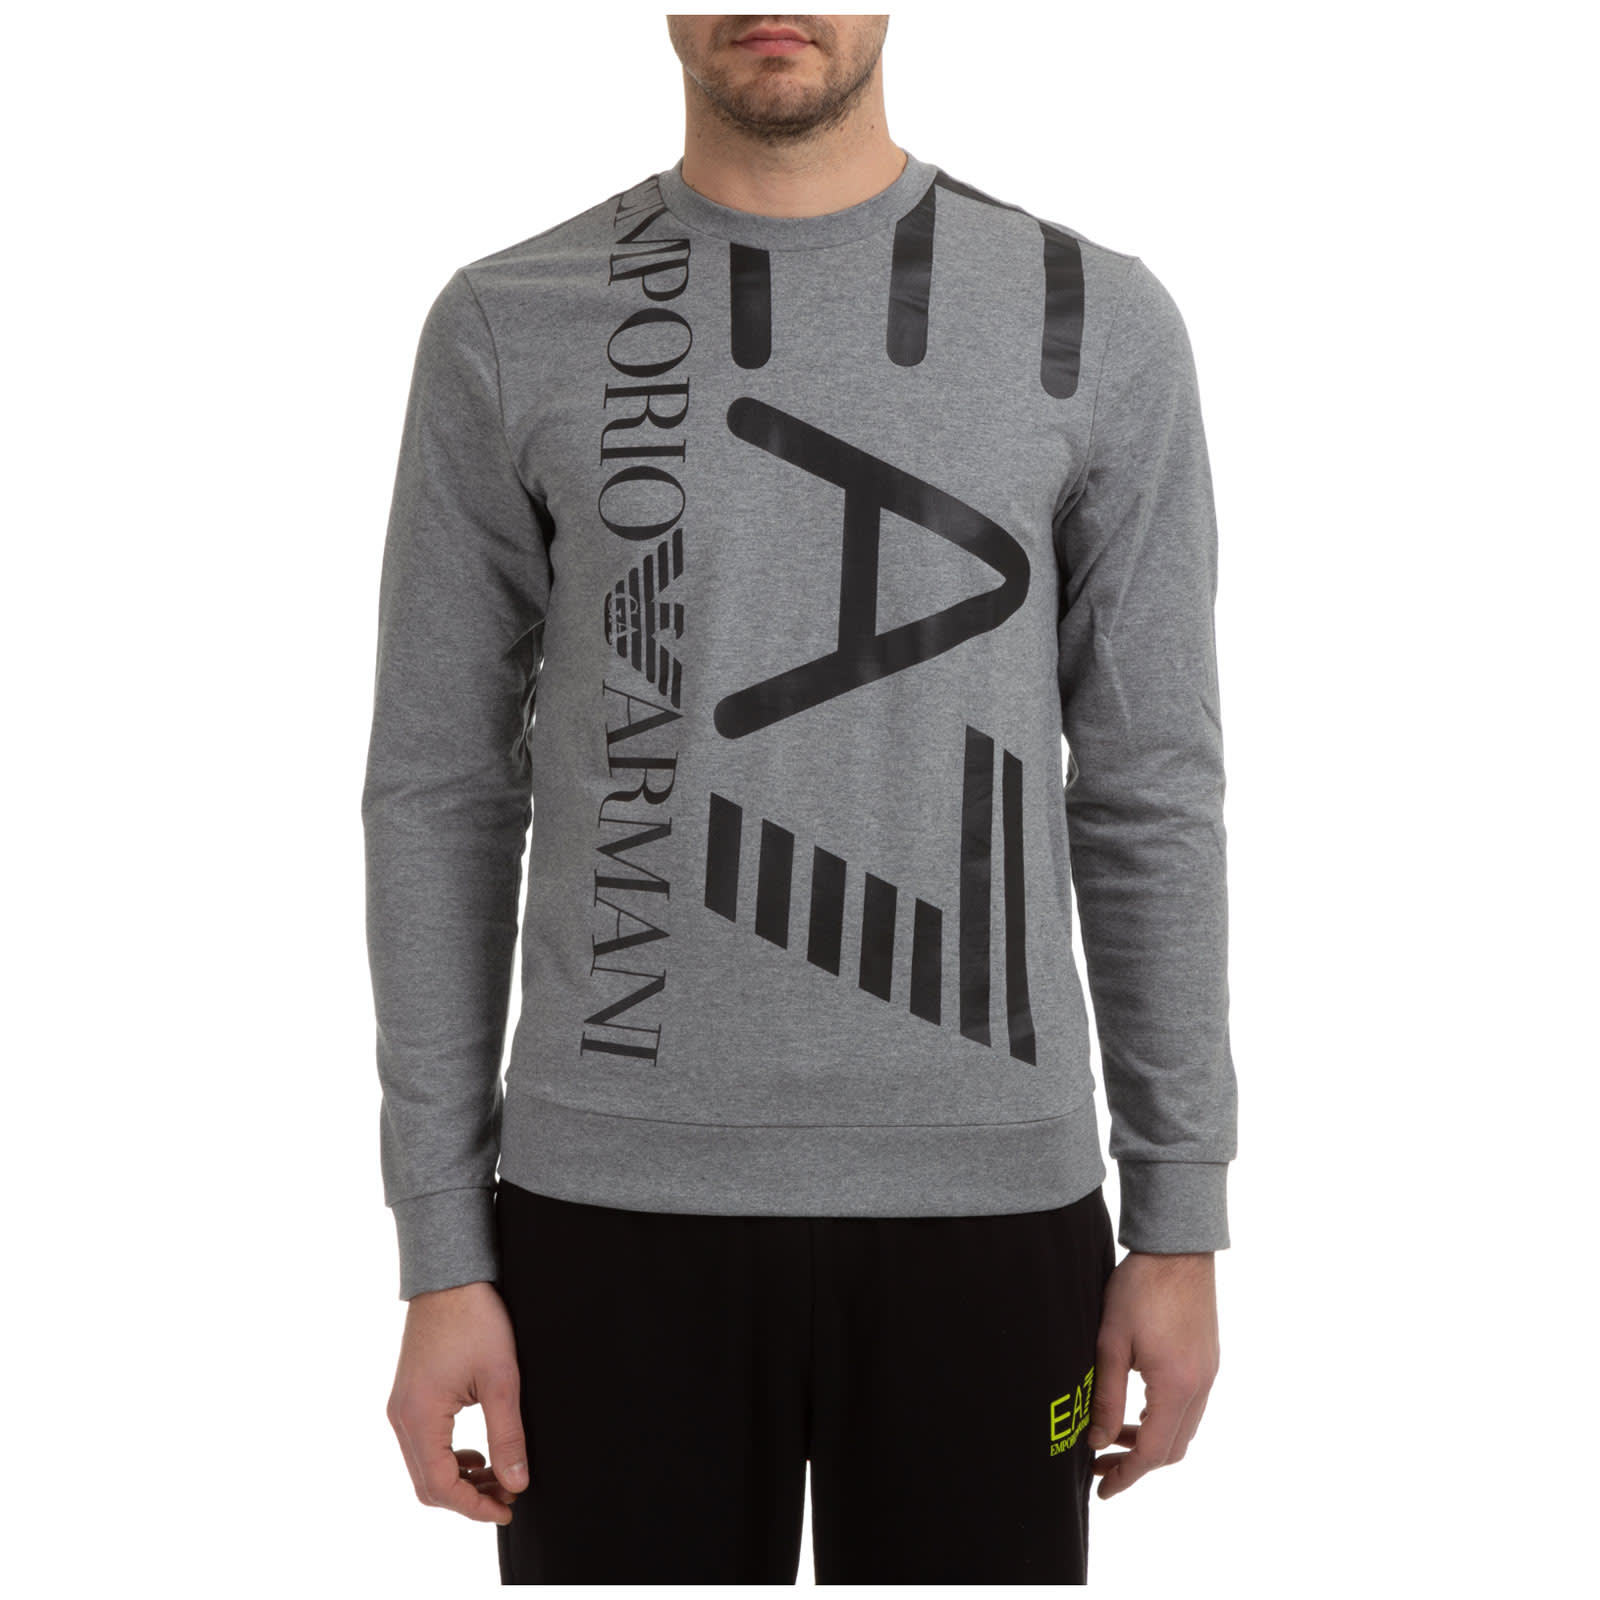 EA7 Emporio Armani Ventus 7 Sweatshirt